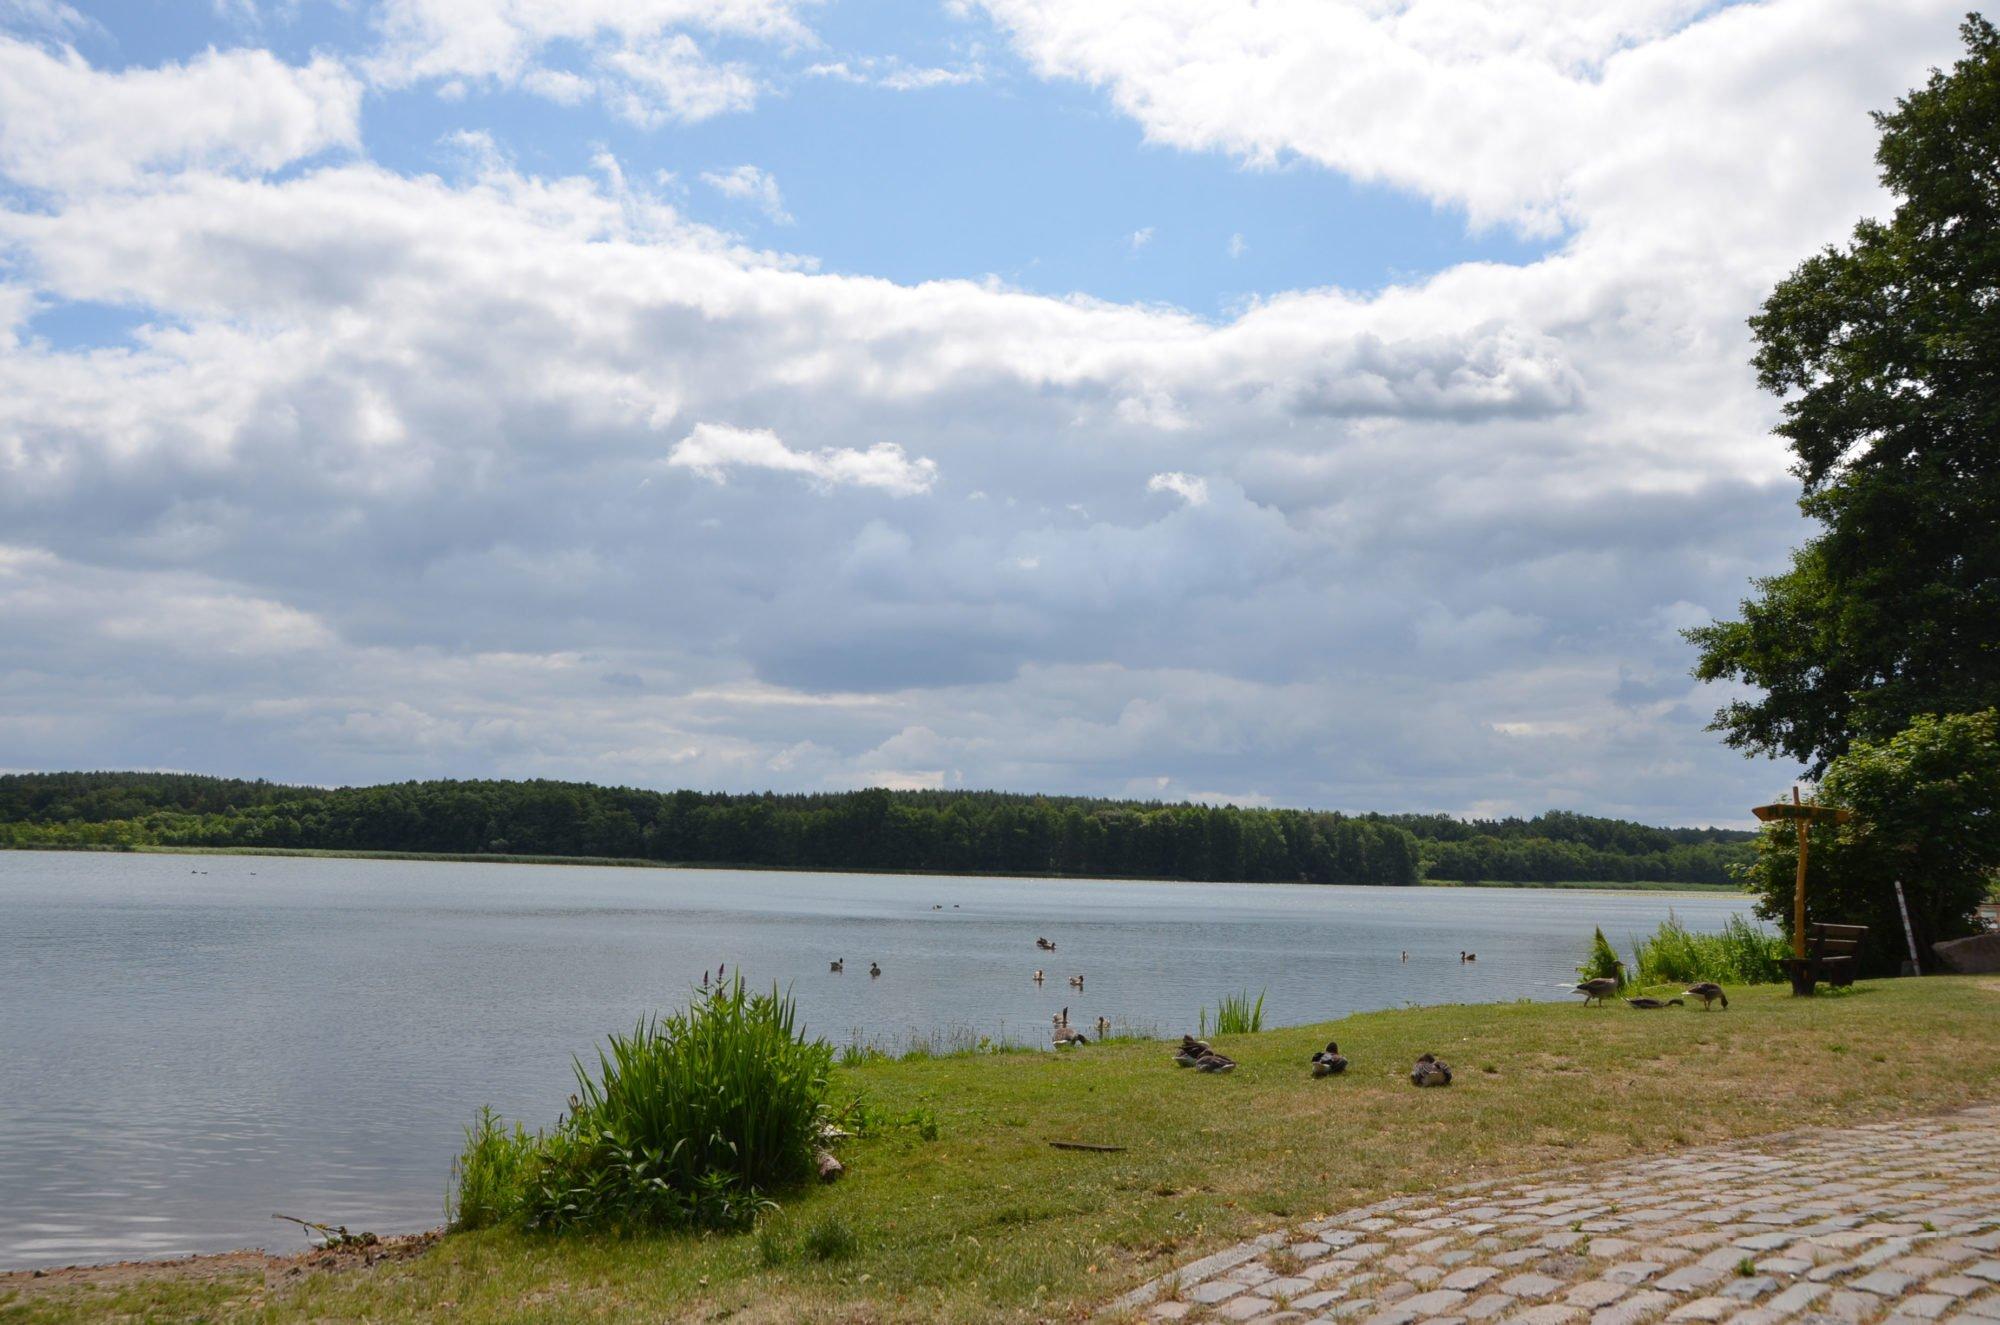 Im Vordergrund ein Weg aus Kopfsteinpflaster, dahinter Wiese, auf der Enten und Gänse sitzen und stehen. Dahinter der See und darüber blauer Himmel mit Wolken.